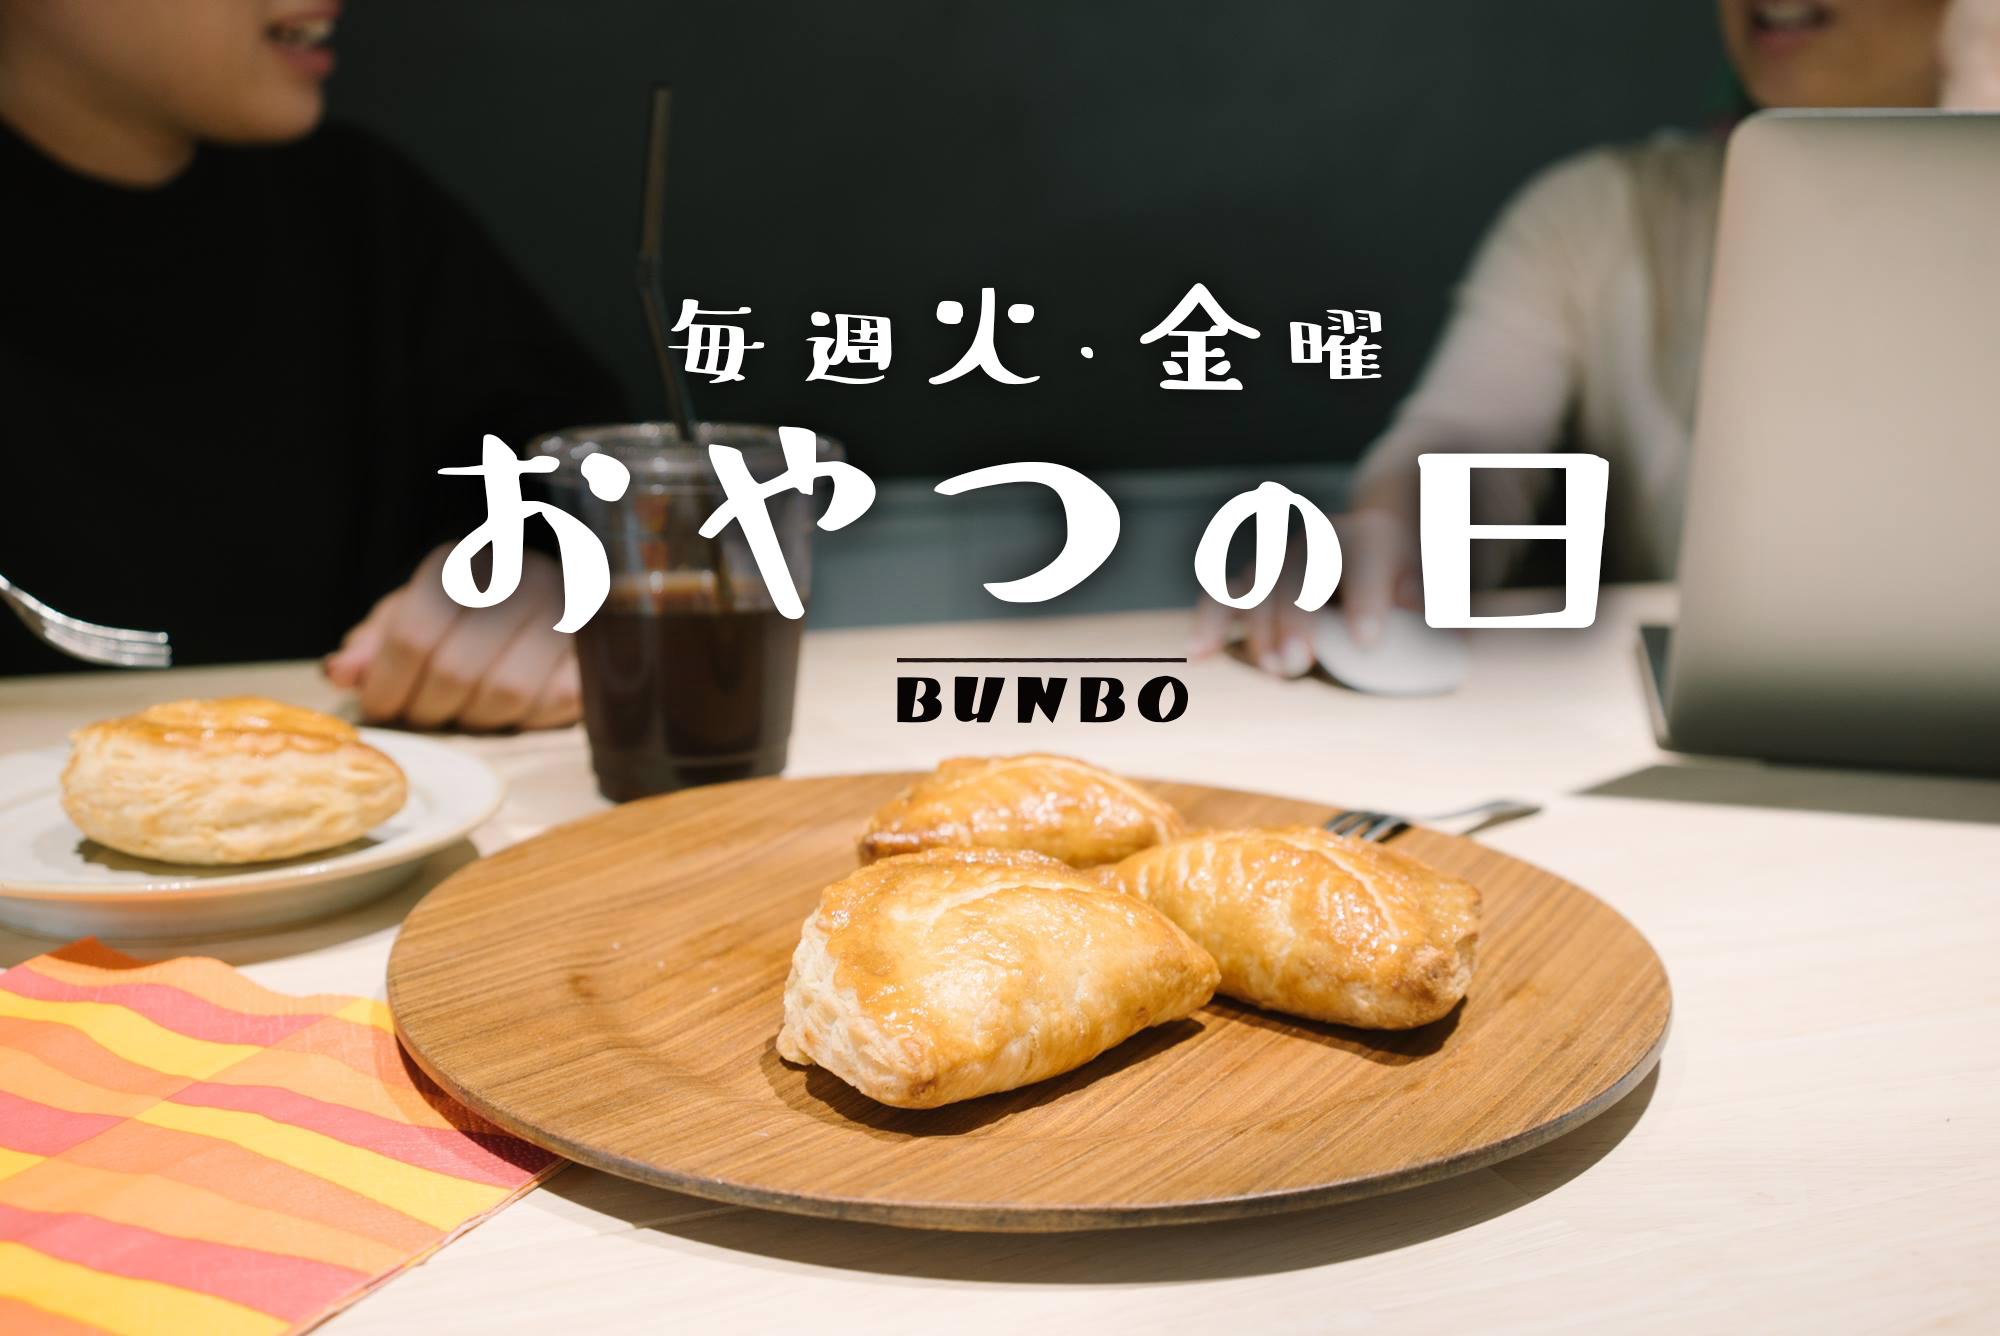 火・金曜日は「おやつの日」おやつを食べながらBunboを使おう